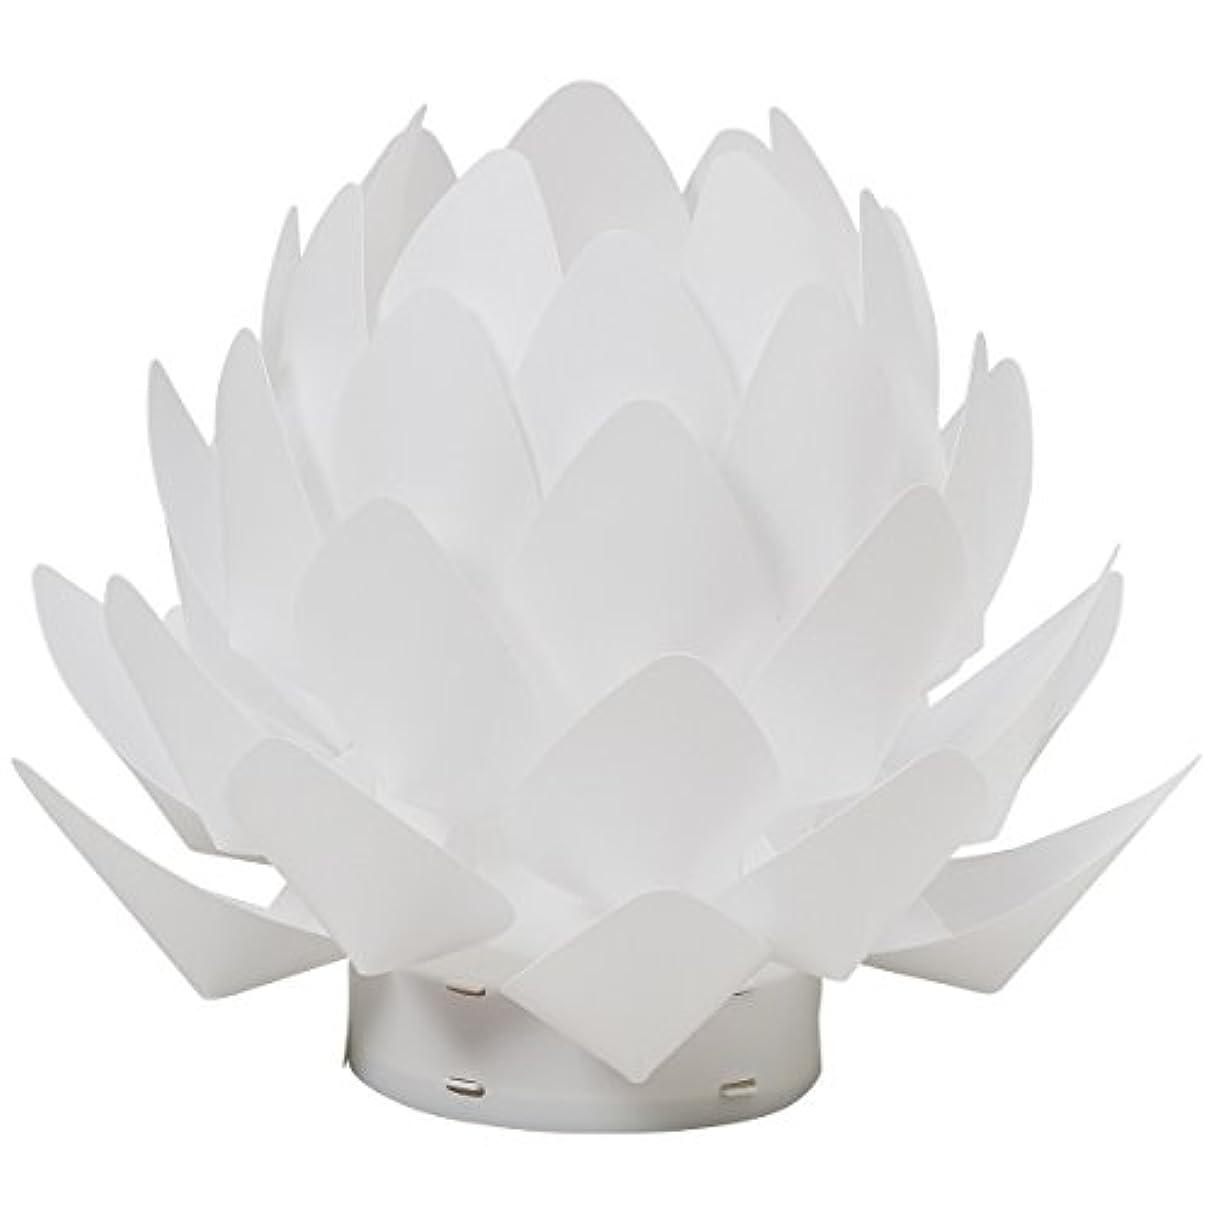 意識いとこメーターカメヤマ 盆提灯 Origami-lite 蓮花 XS (間接照明)